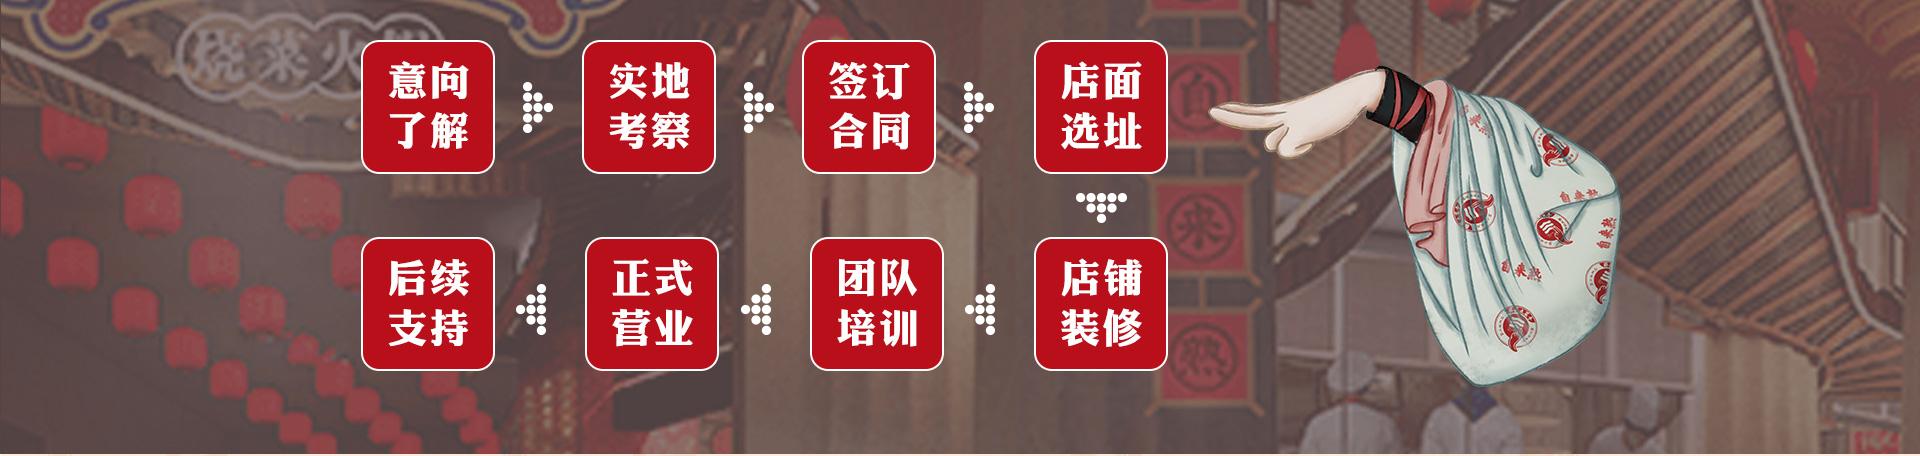 辣叁成燒菜火鍋lsc_19